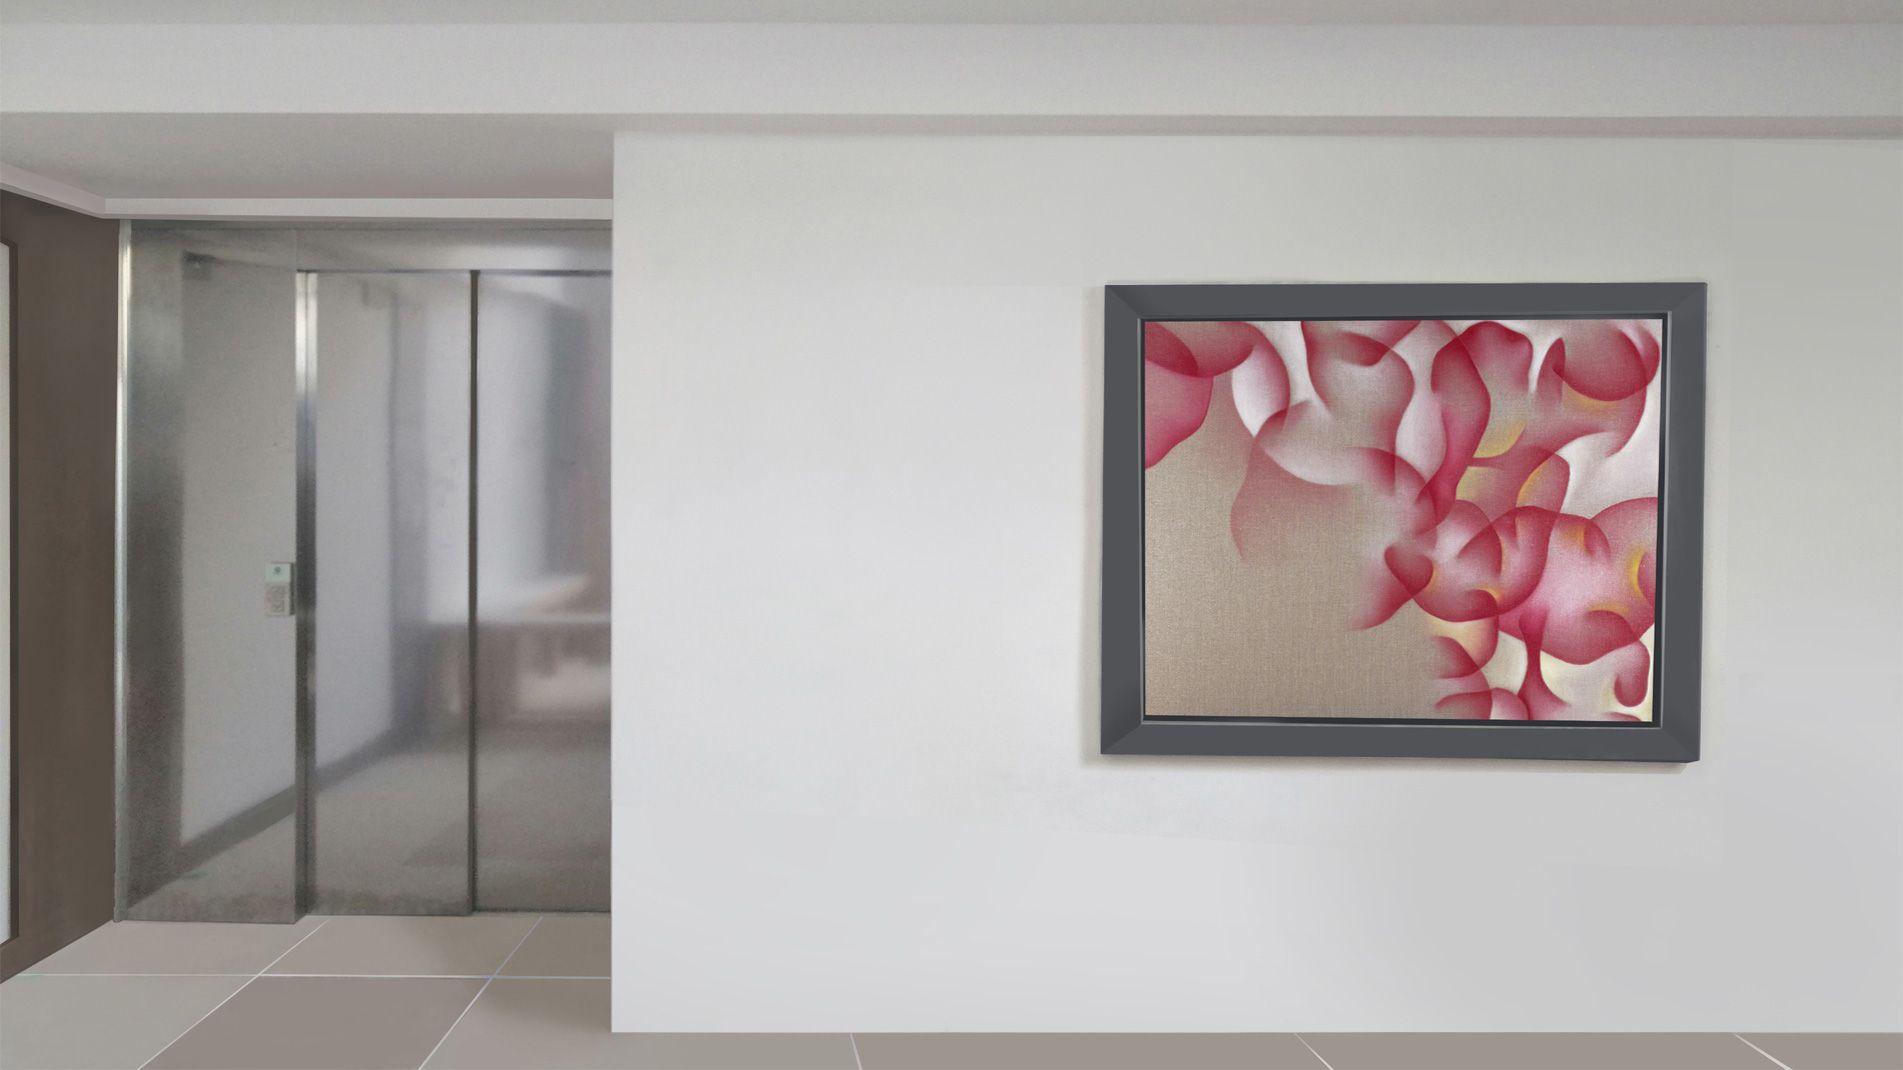 Guillaume Bottazzi, art public intérieur, peinture dans un hall d'entrée, Marseille